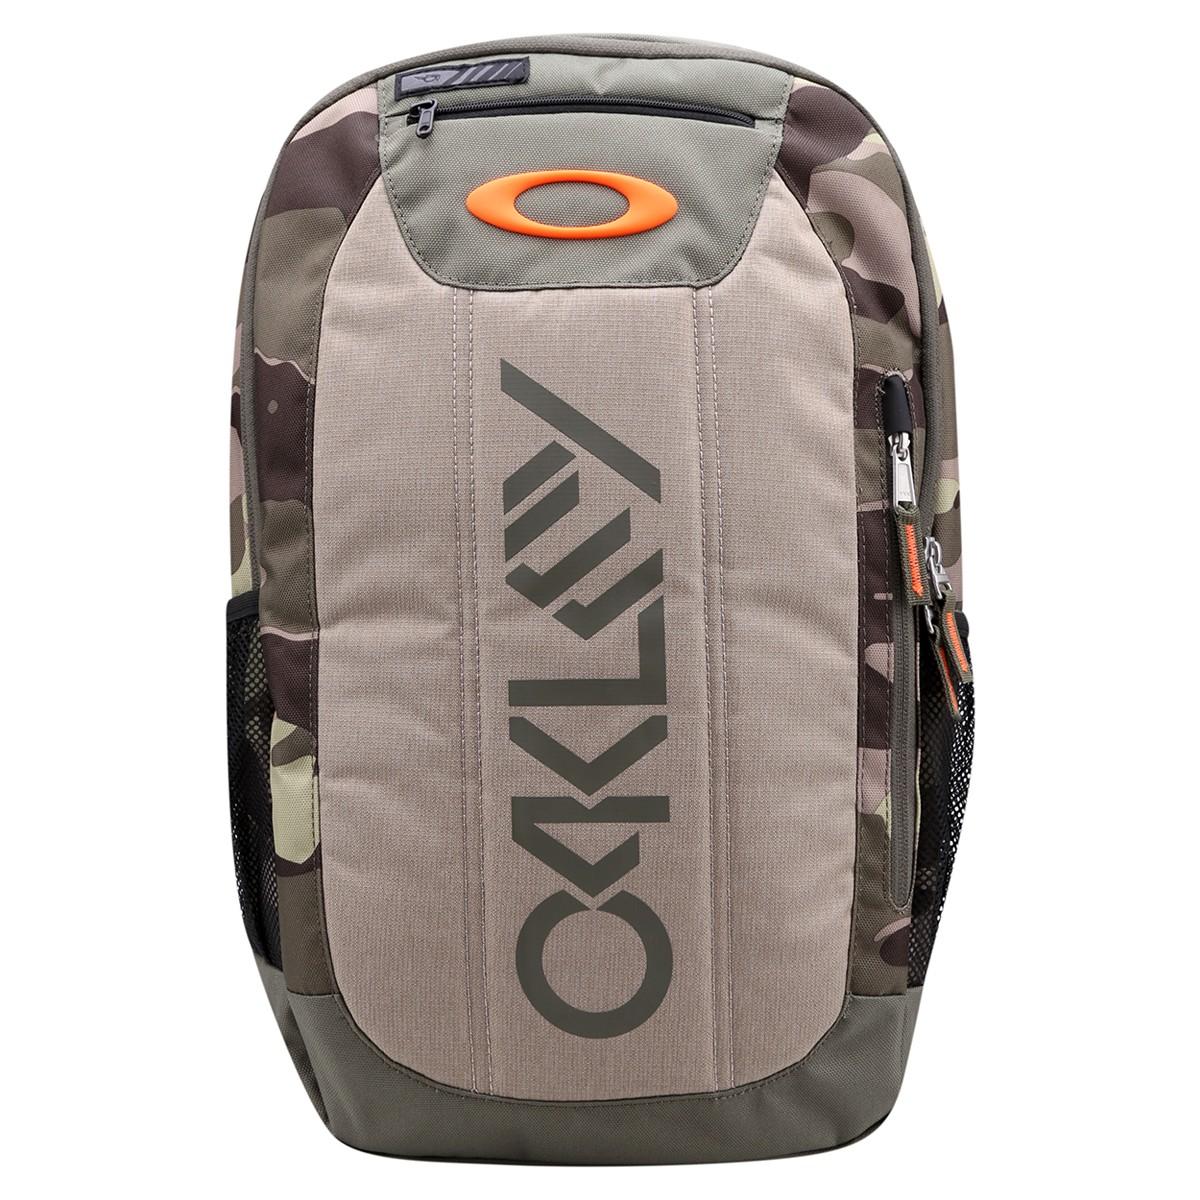 98e8c3ff2b1f1 Mochila Oakley Enduro 20